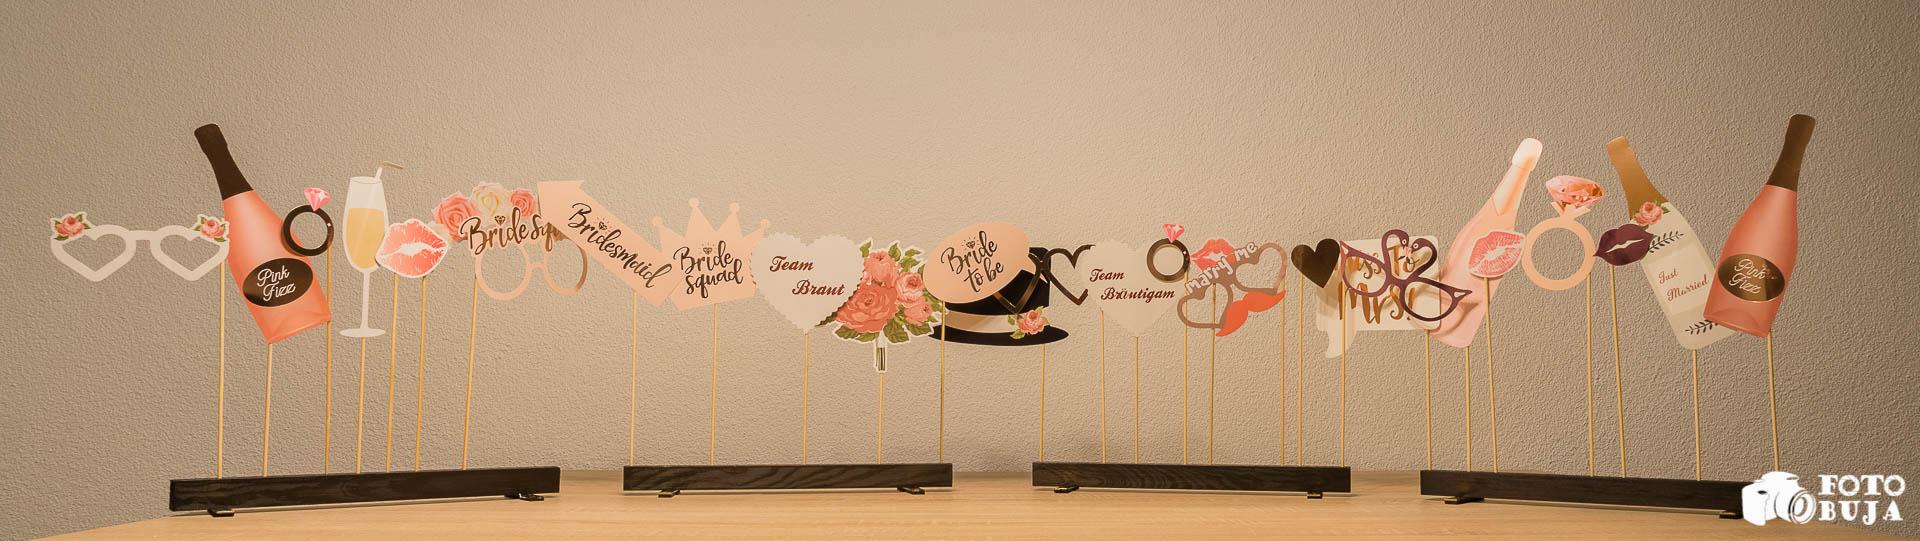 Set_Hochzeit (1)